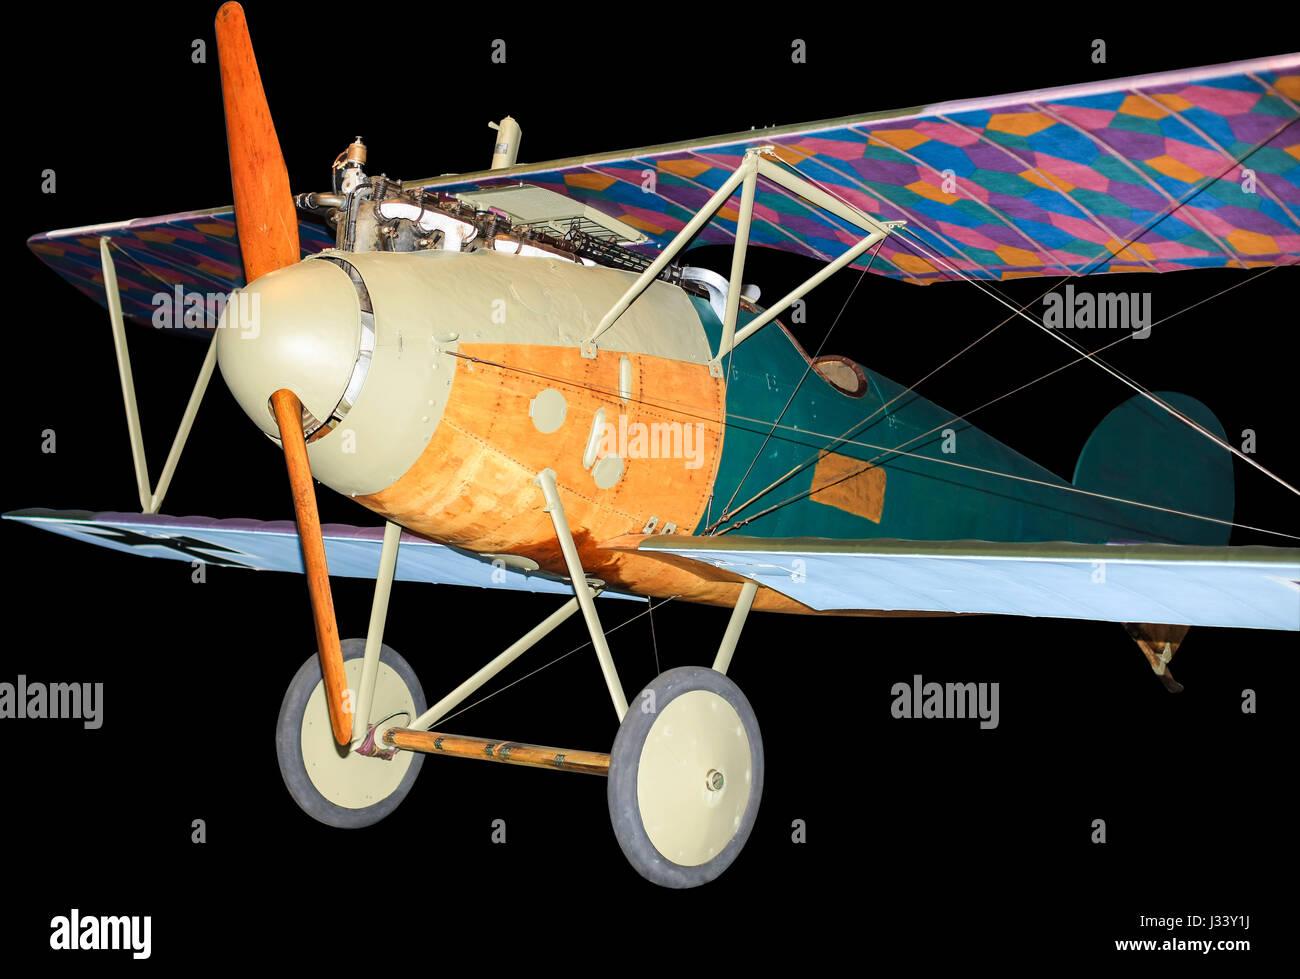 Avion de chasse Albatros allemand de la Première Guerre mondiale, isolated on black Banque D'Images